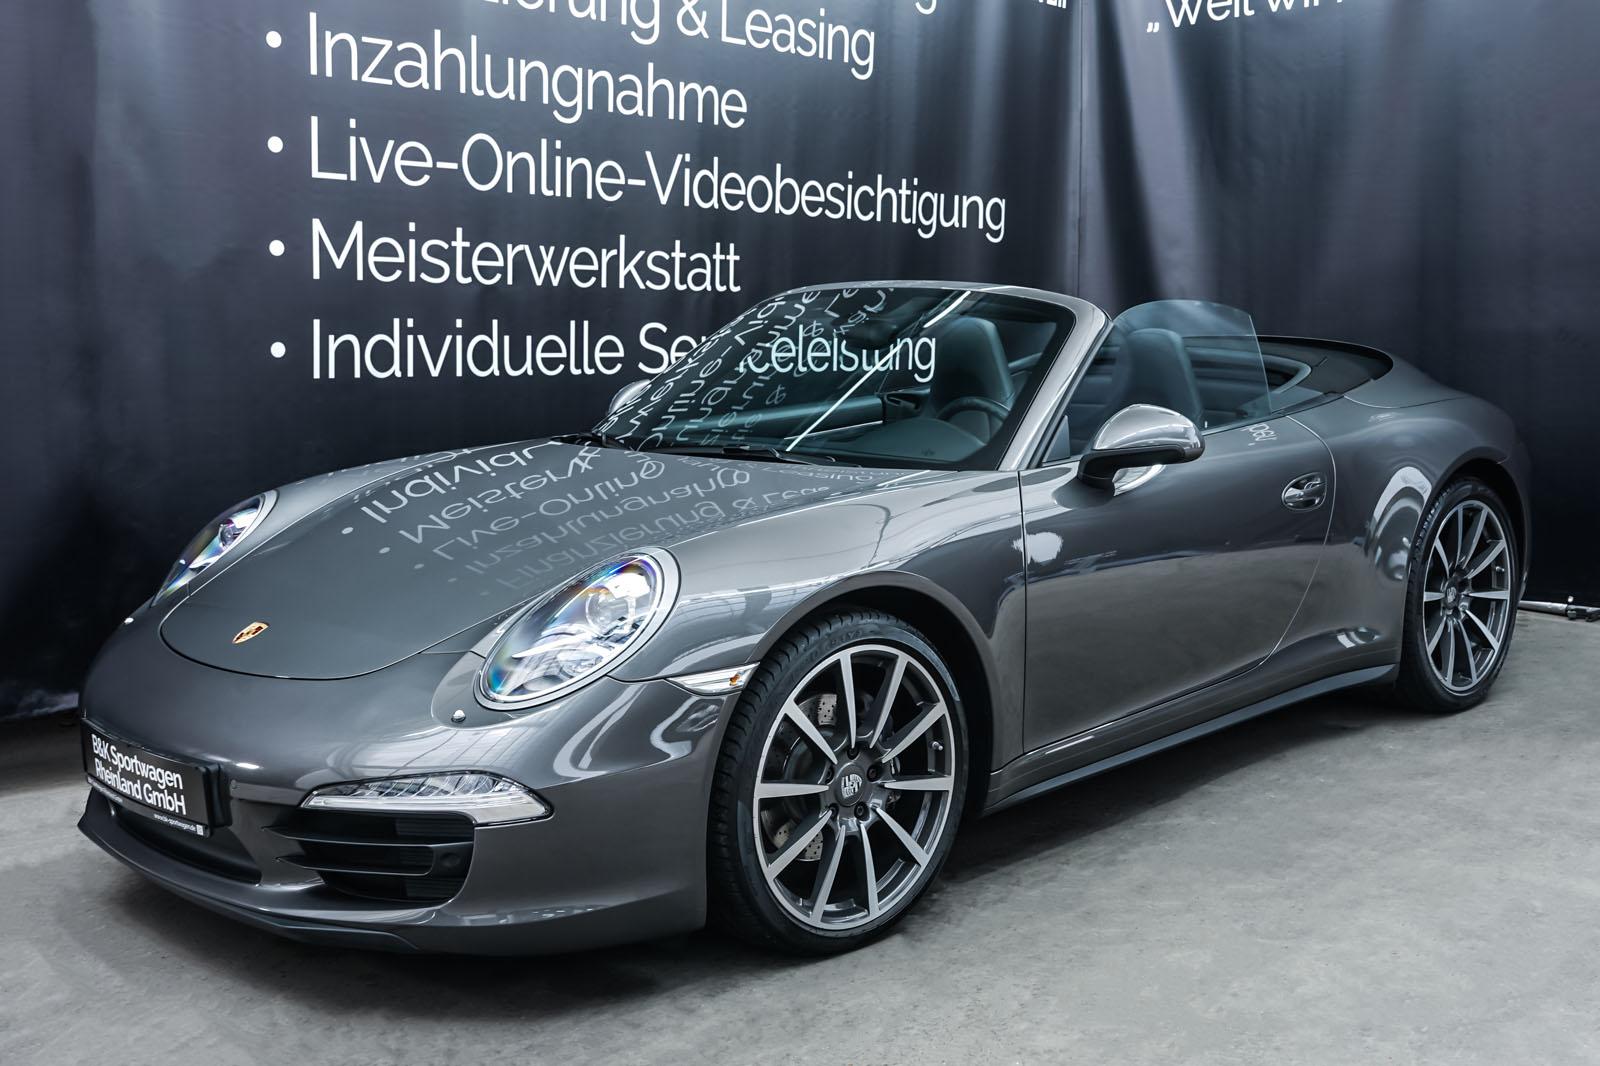 Porsche_991_C4_Cabrio_SilberBraun_Schwarz_POR-7106_7_w